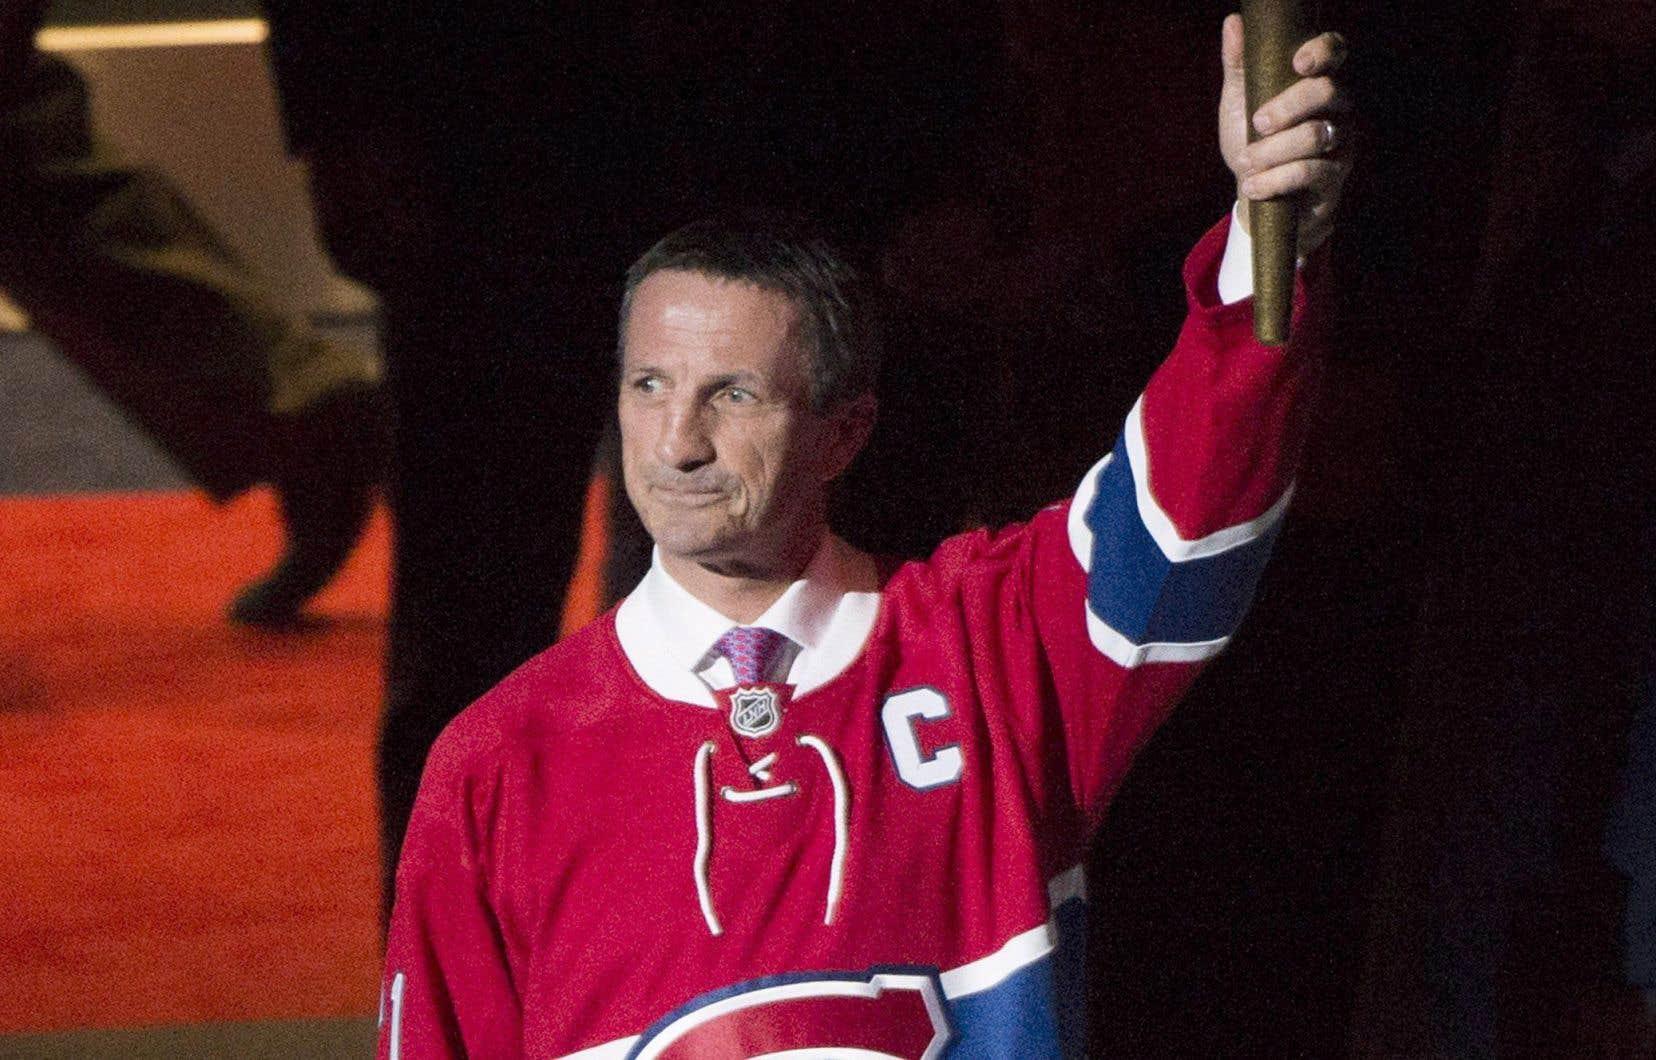 Au cours de sa carrière de 18 saisons dans la LNH, Carbonneau a accumulé 260 buts et 403 aides en 1318 matchs.